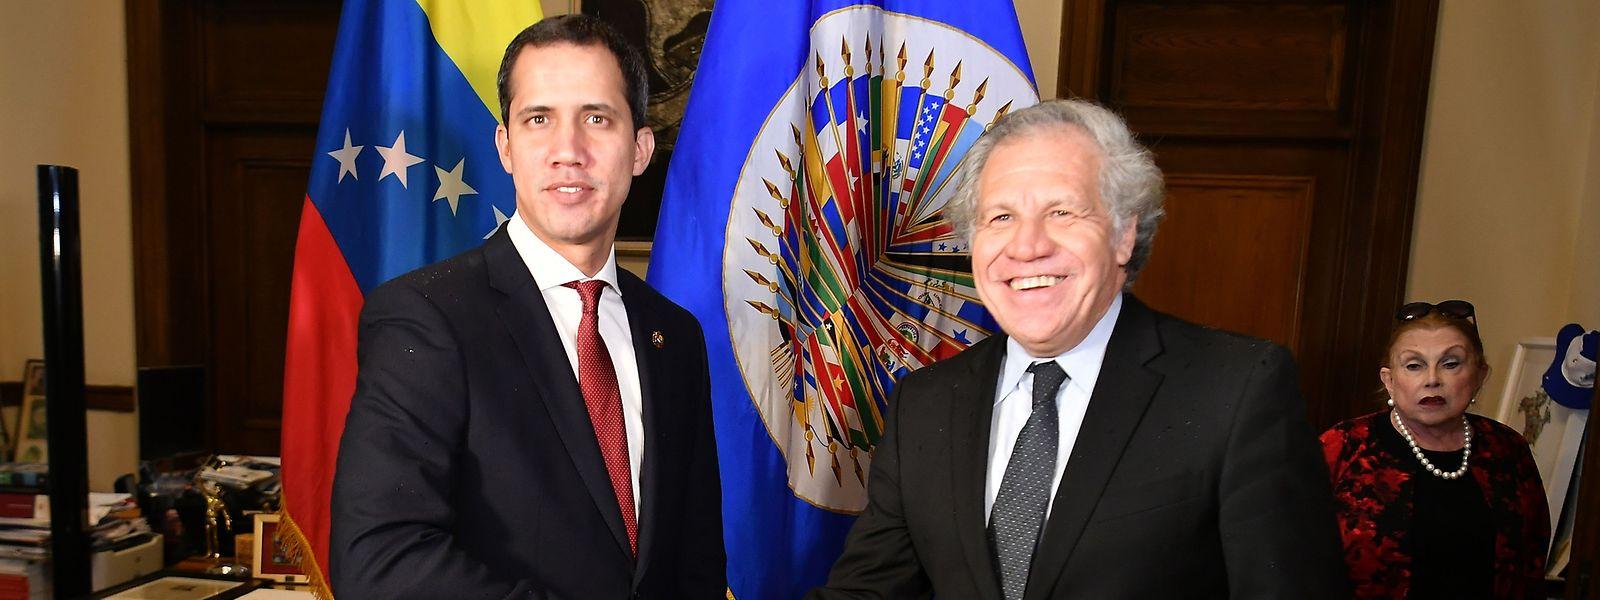 O autoproclamado presidente interino da Venezuela fez recentemente um périplo pelos EUA, Canadá e Europa. Na foto com o secretário-geral Luis Almagro, secretário-geral da Organização dos Estados Americanos (OAS, na sigla inglesa).